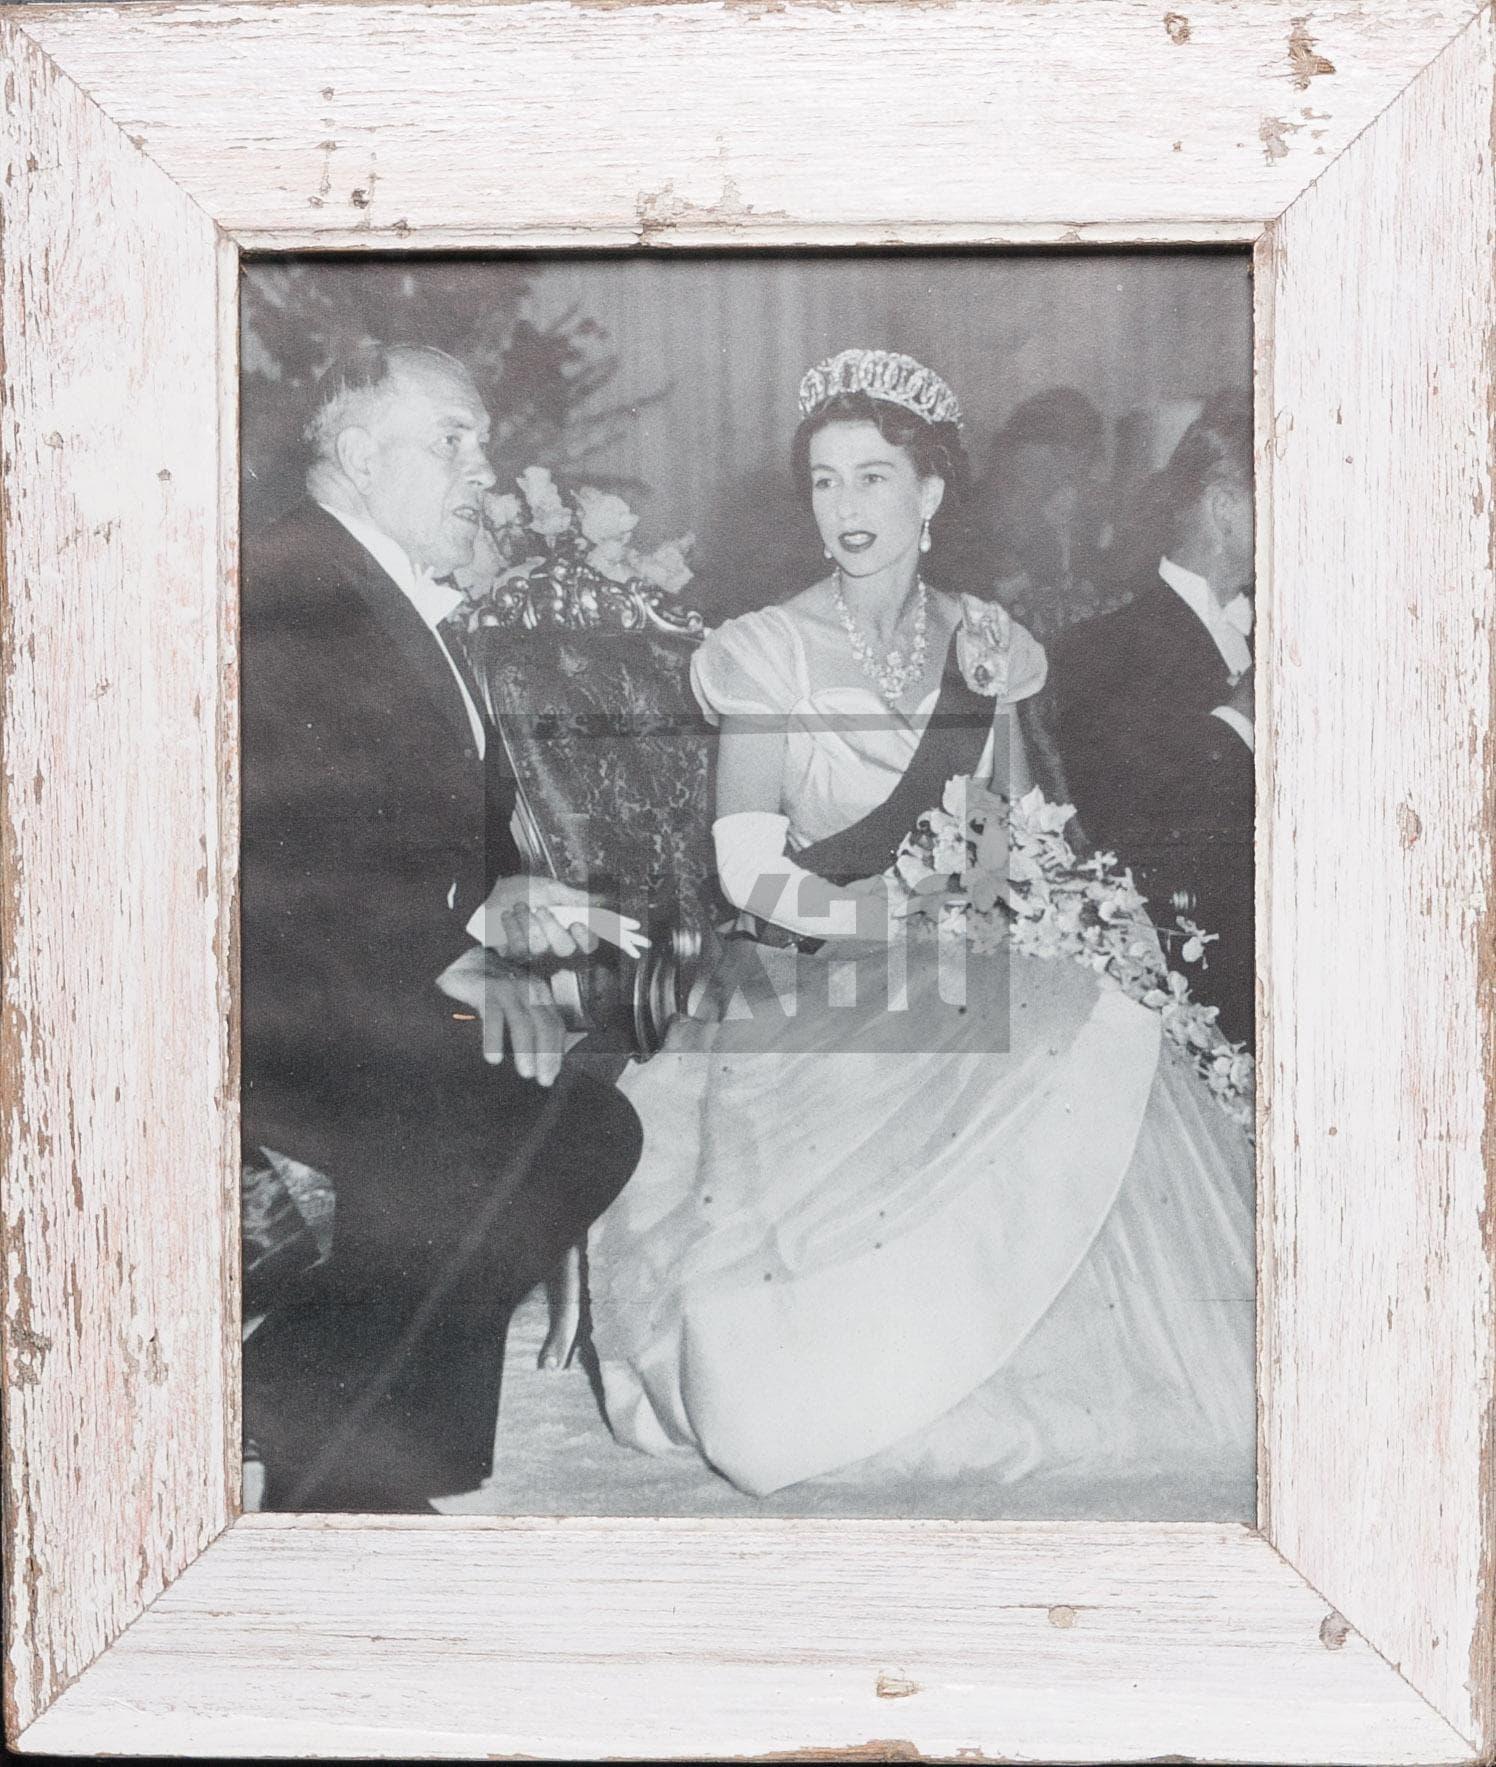 Holzrahmen für 20 x 25 cm Bildformat